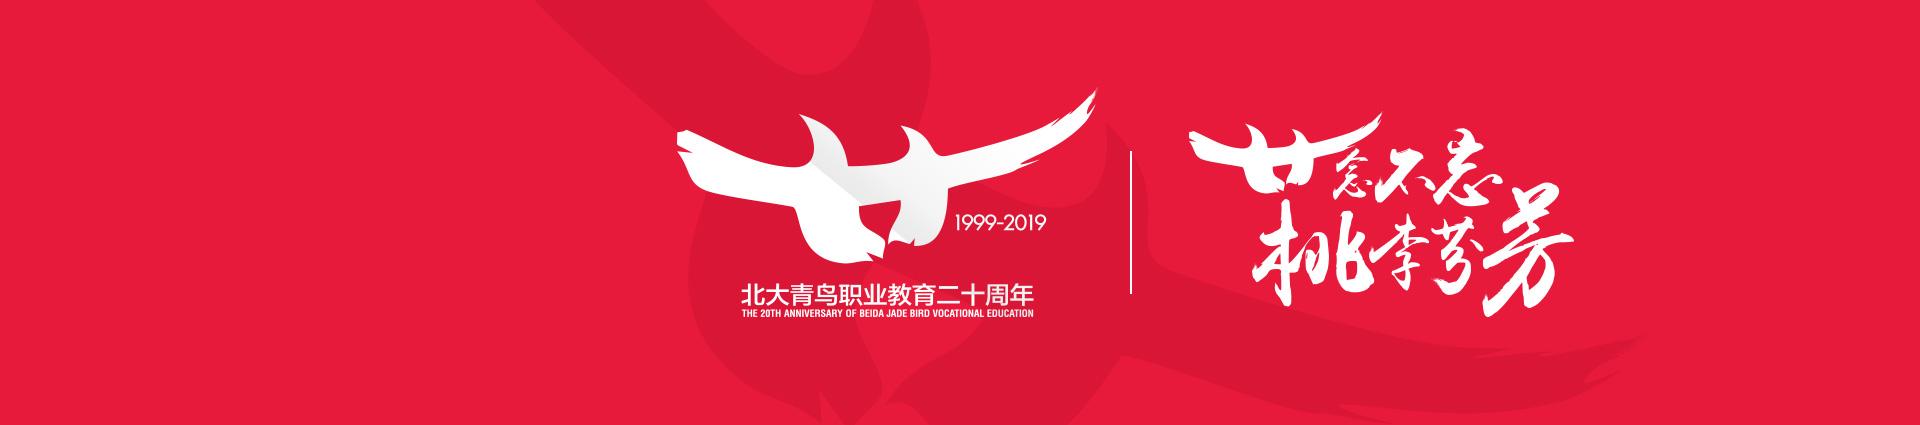 北大青鸟20周年红